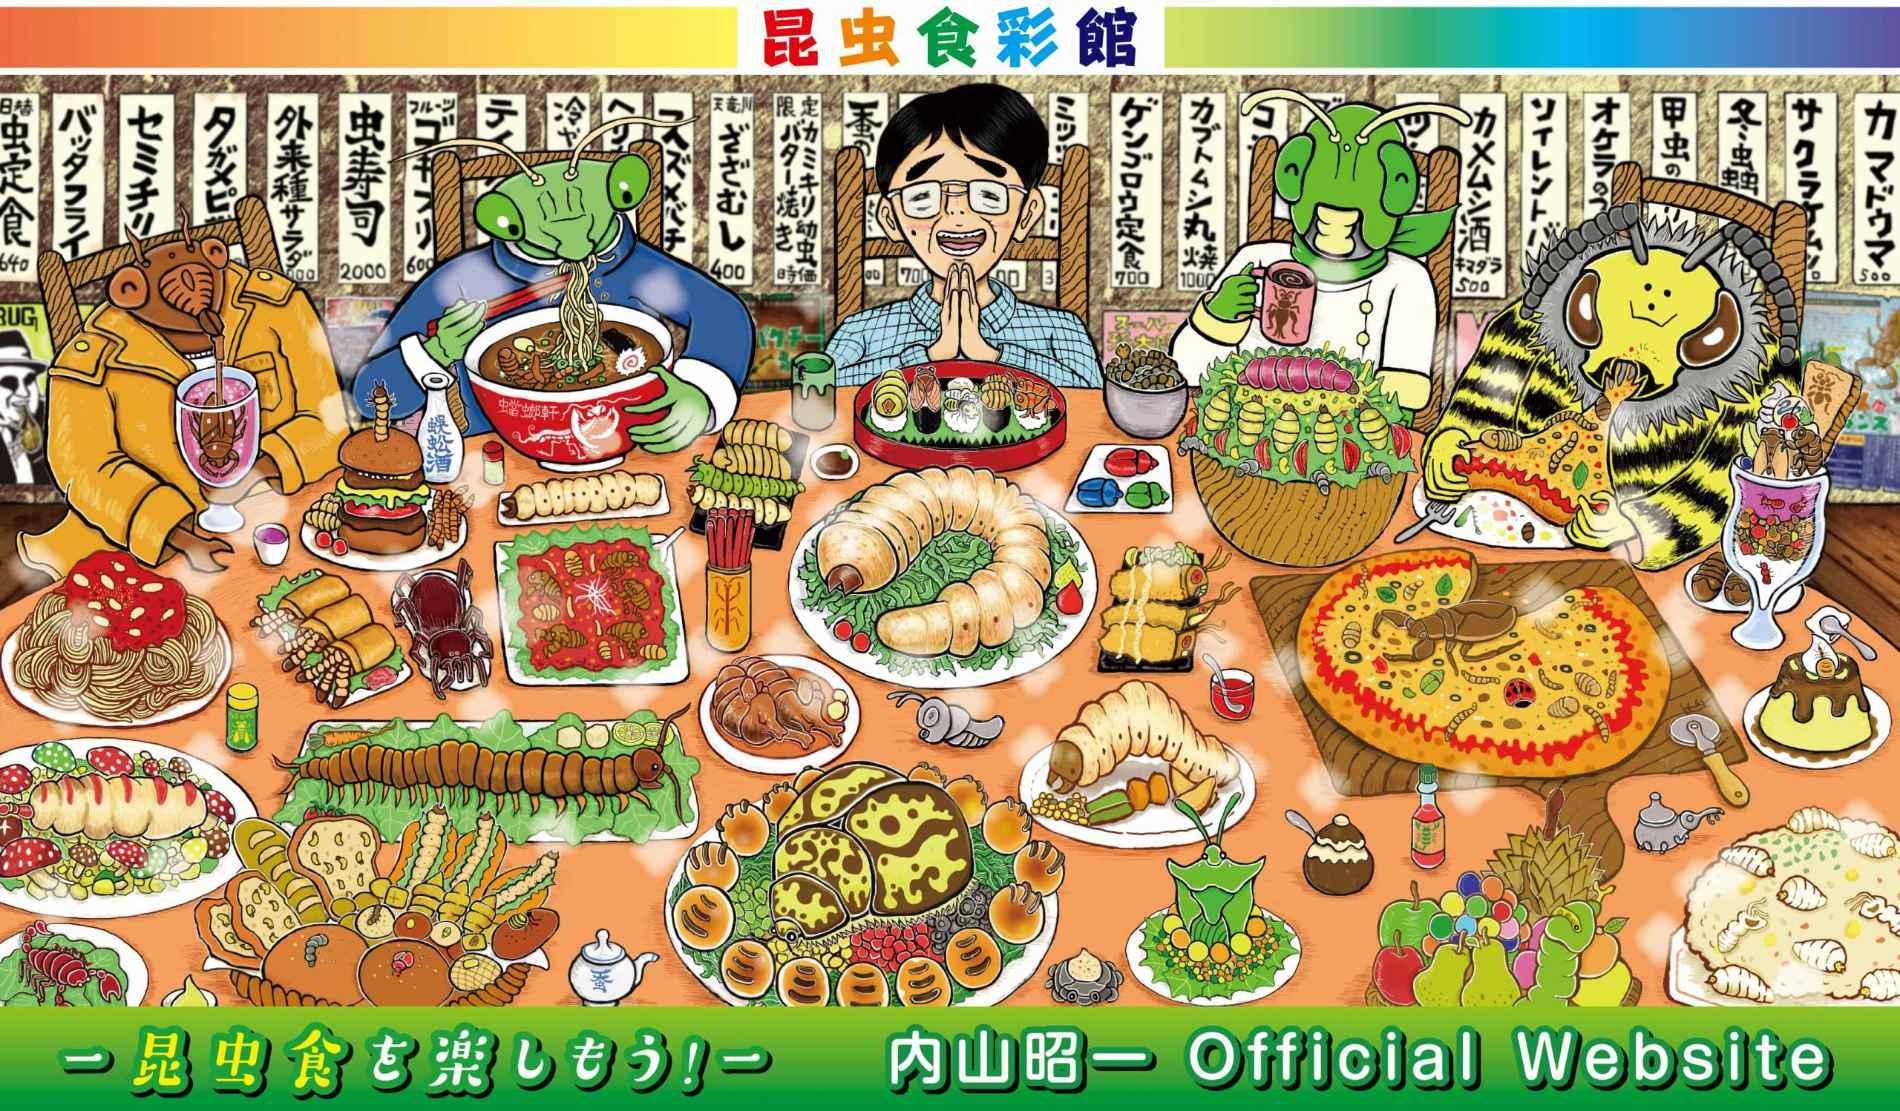 昆虫食を楽しもう! | 内山昭一が主宰する昆虫料理研究会